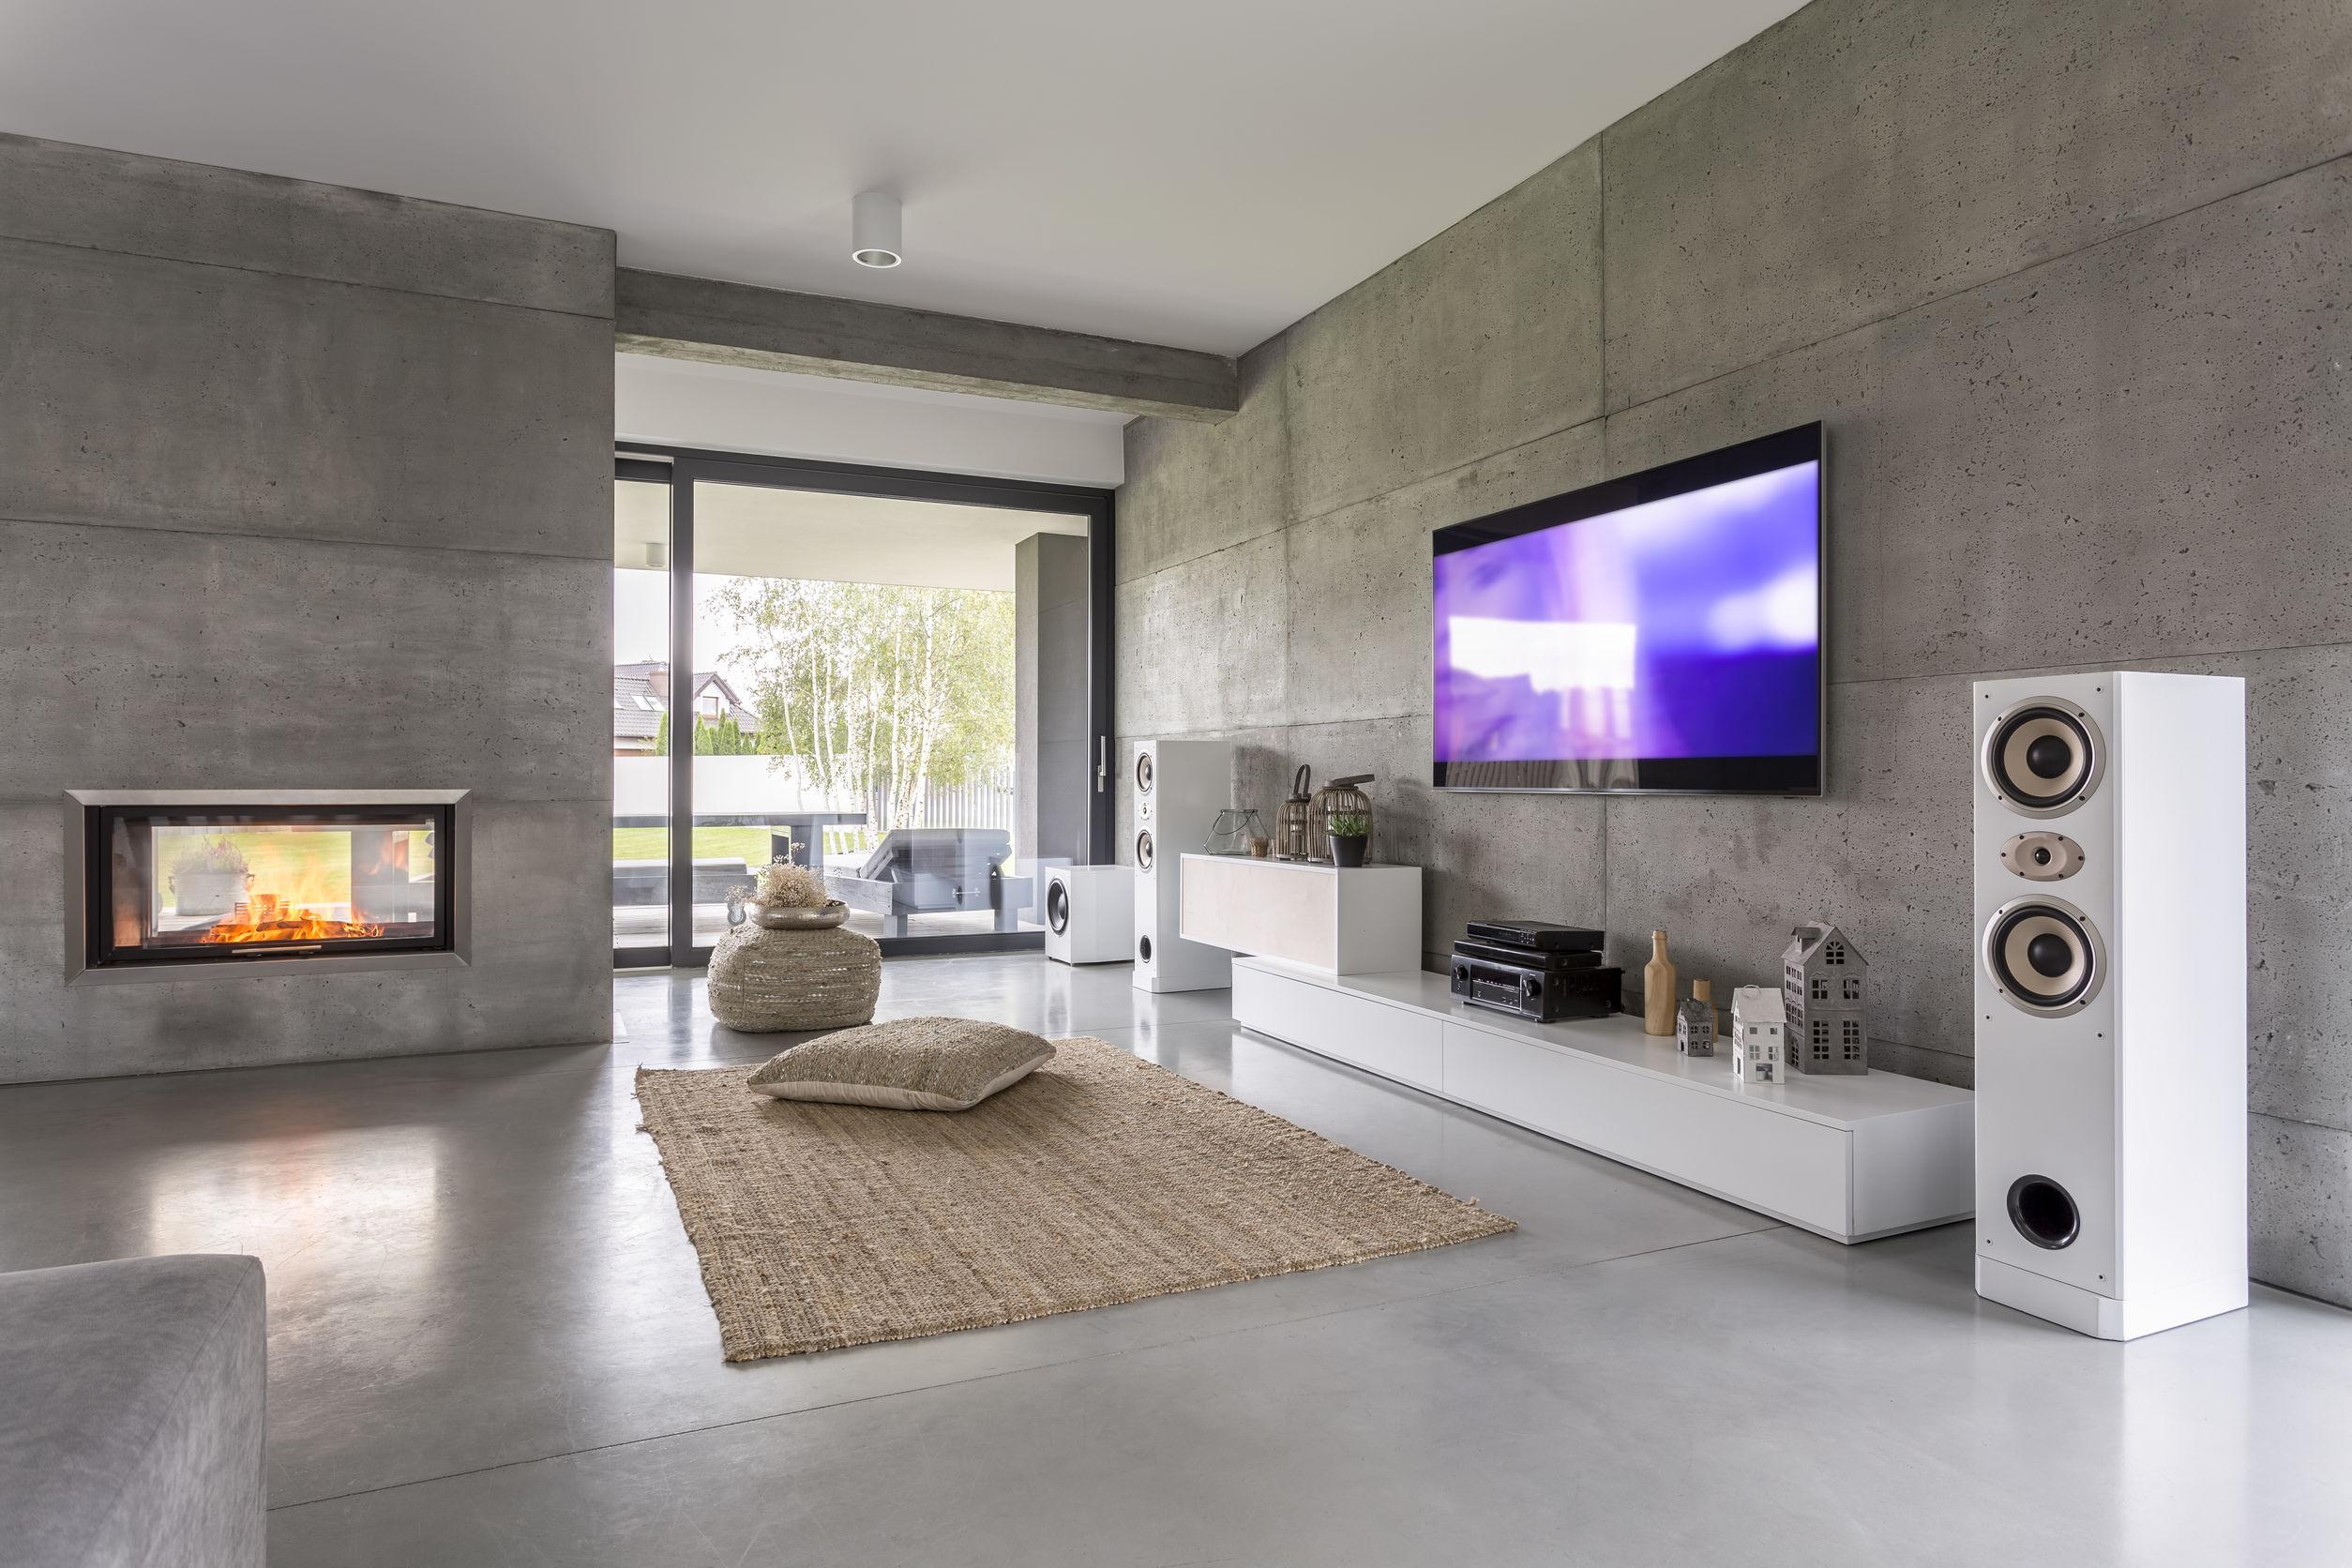 Televisión salón con ventana, chimenea y efecto muro de hormigón